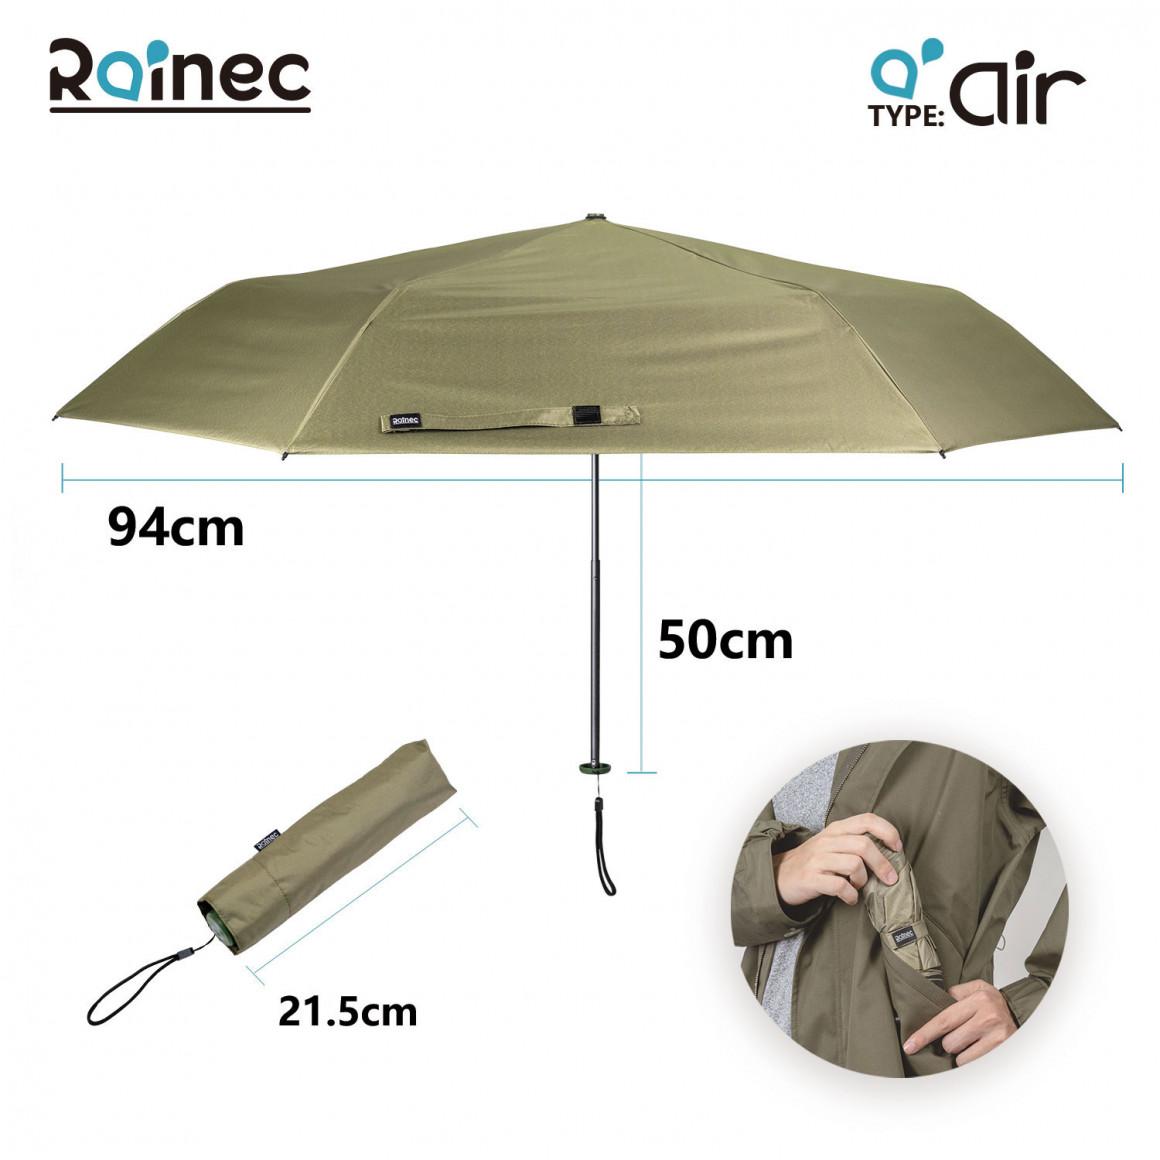 rainec-air-green-02-1160x1160.jpg